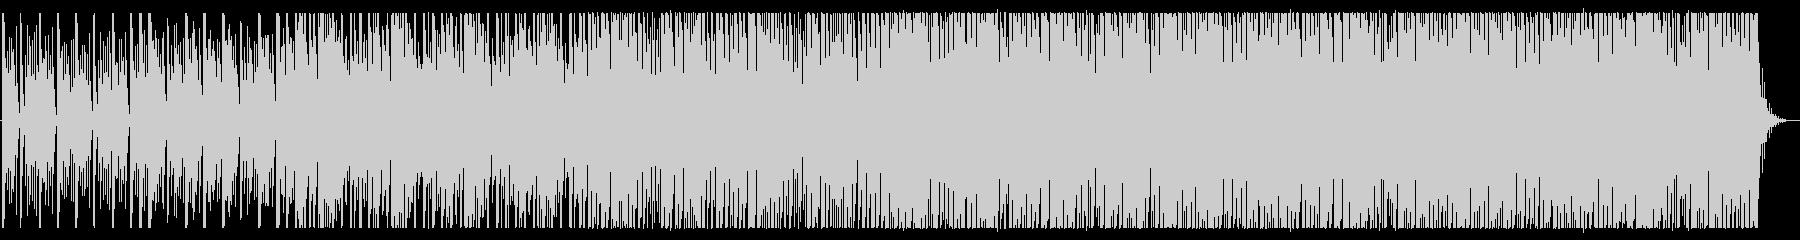 おもちゃ箱のようなBGM_No580_2の未再生の波形